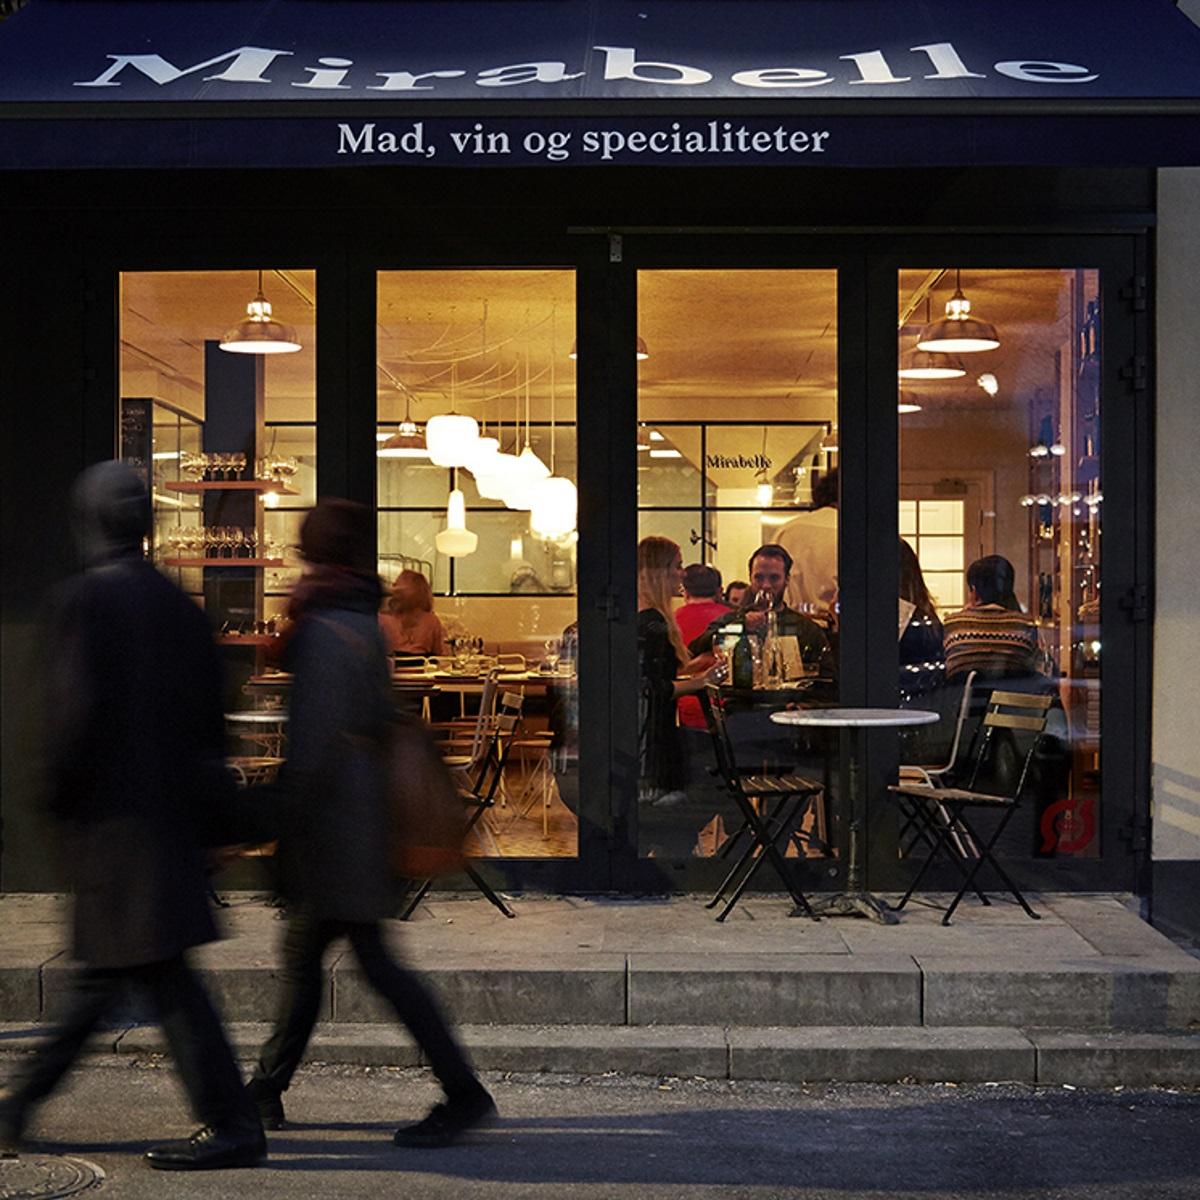 Mirabelle Café, Bäckerei und Restaurant in Kopenhagen